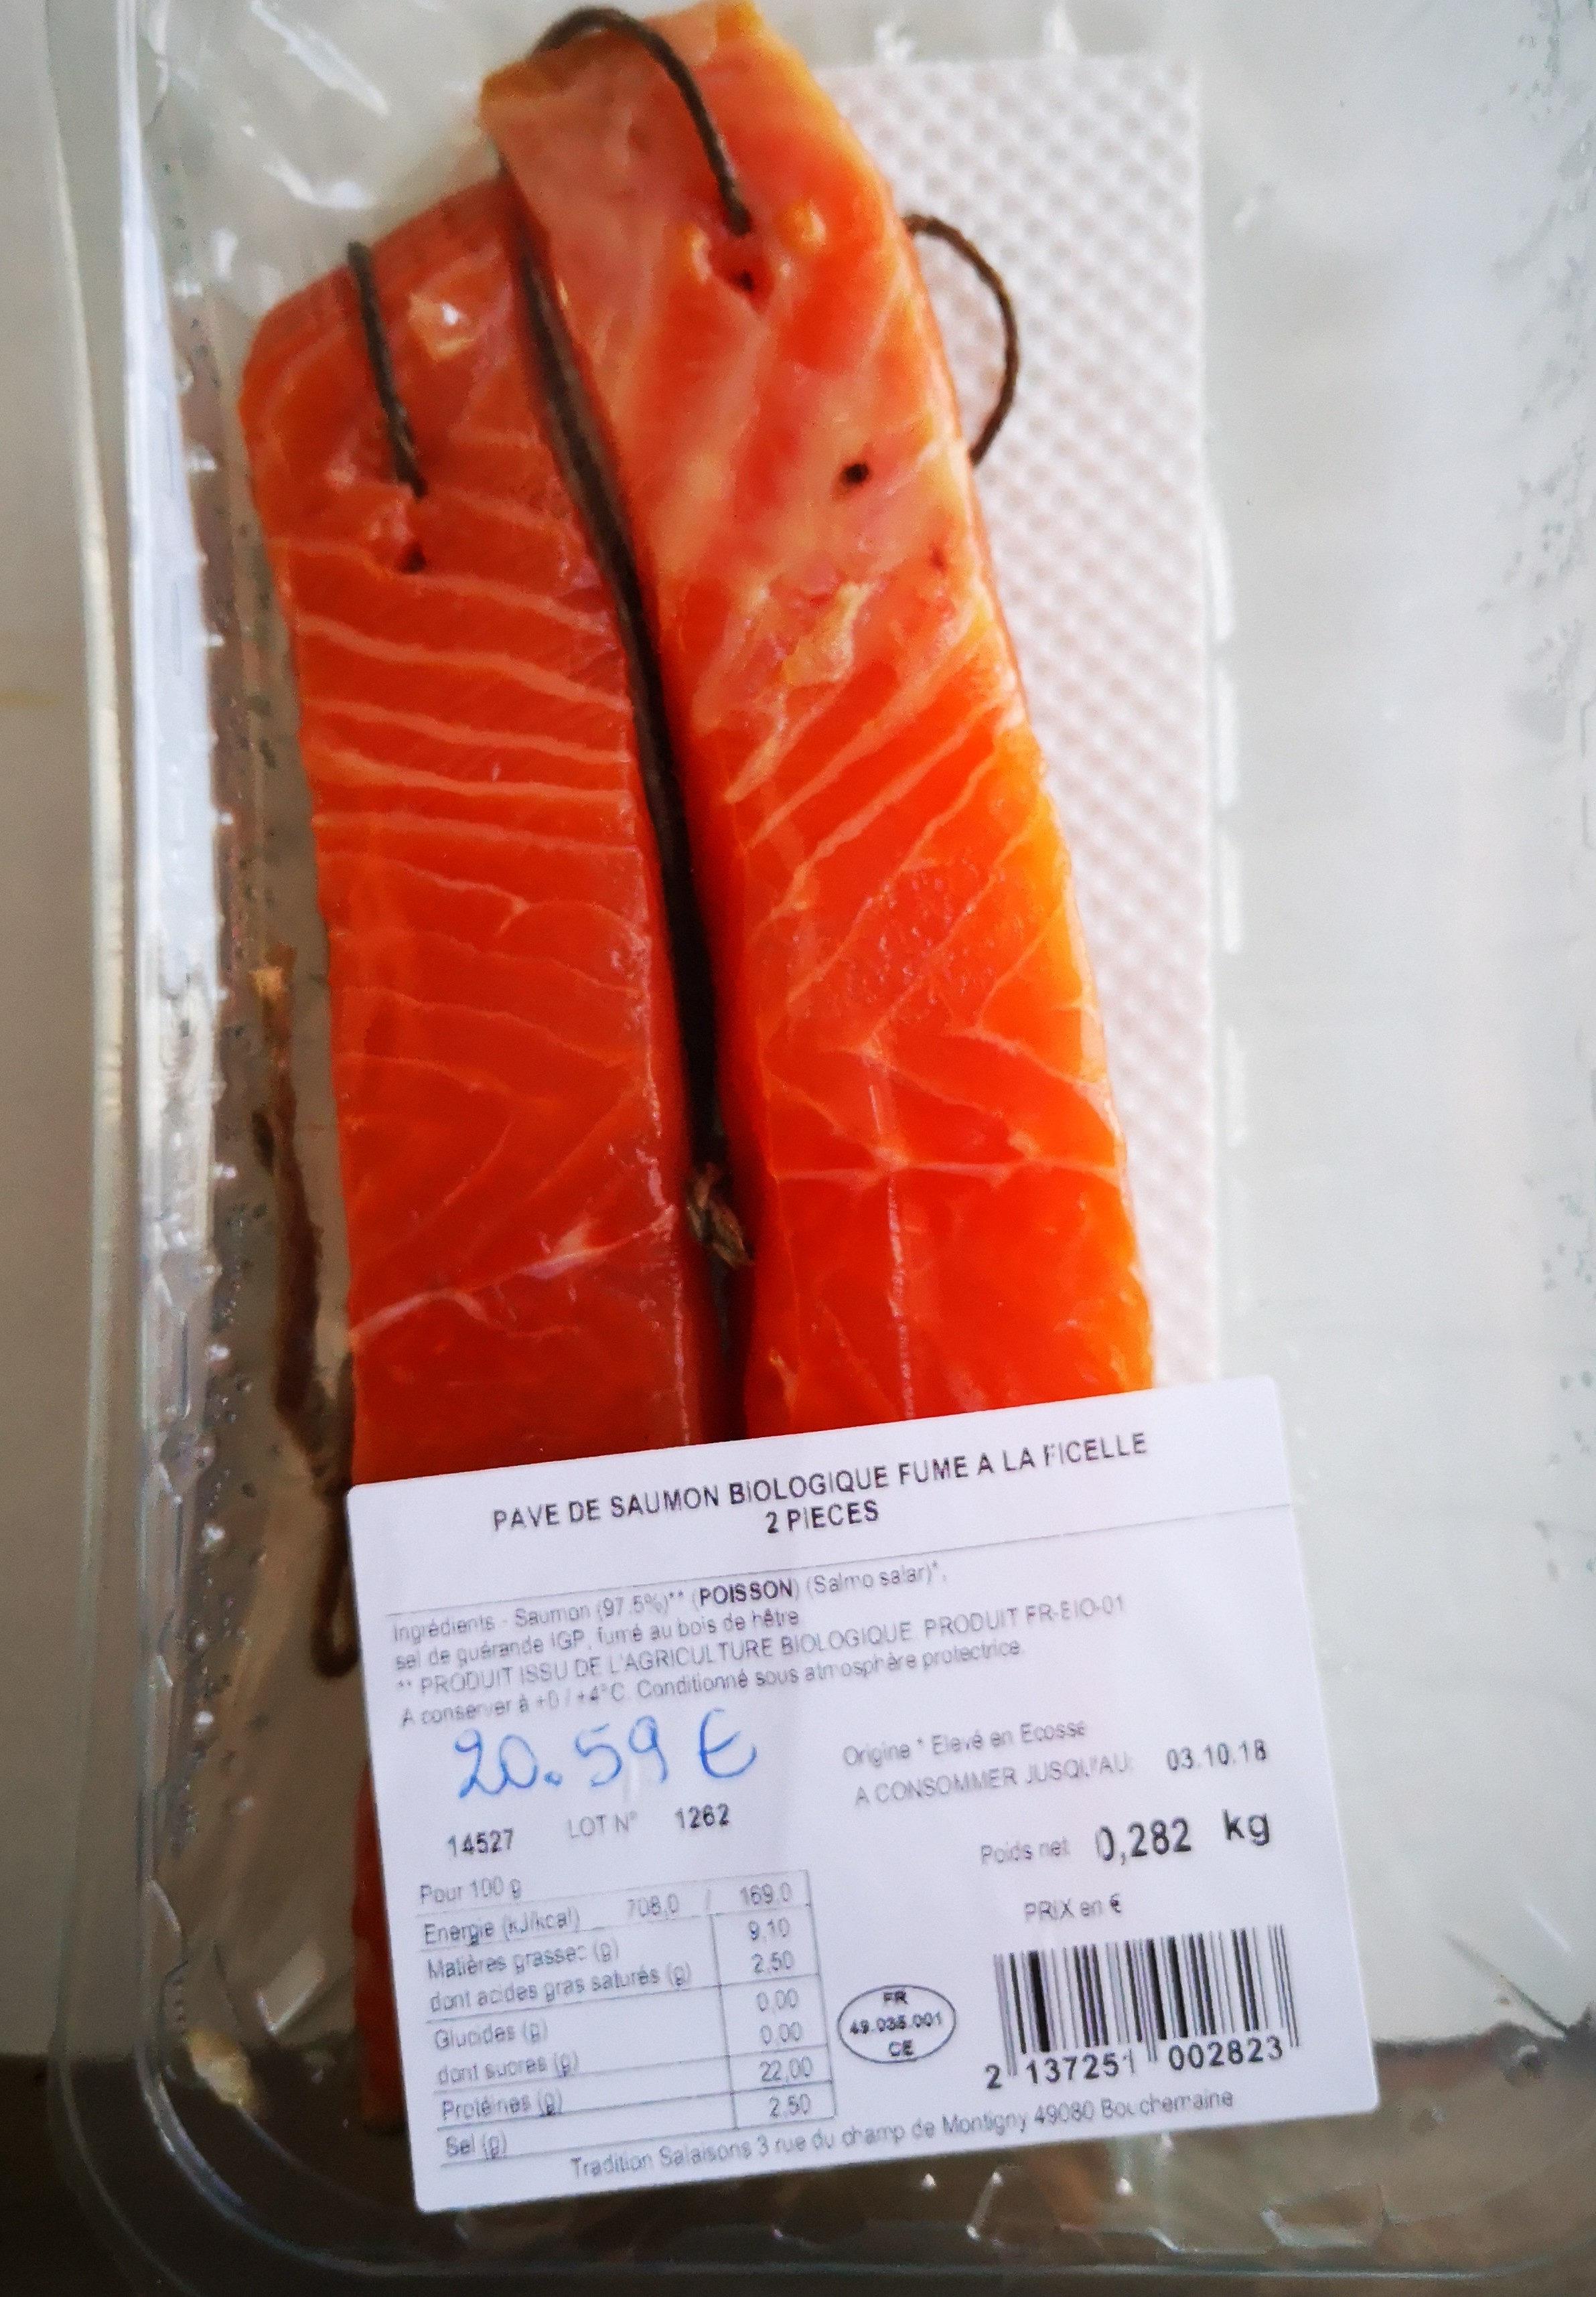 pavé de saumon biologique - Product - fr